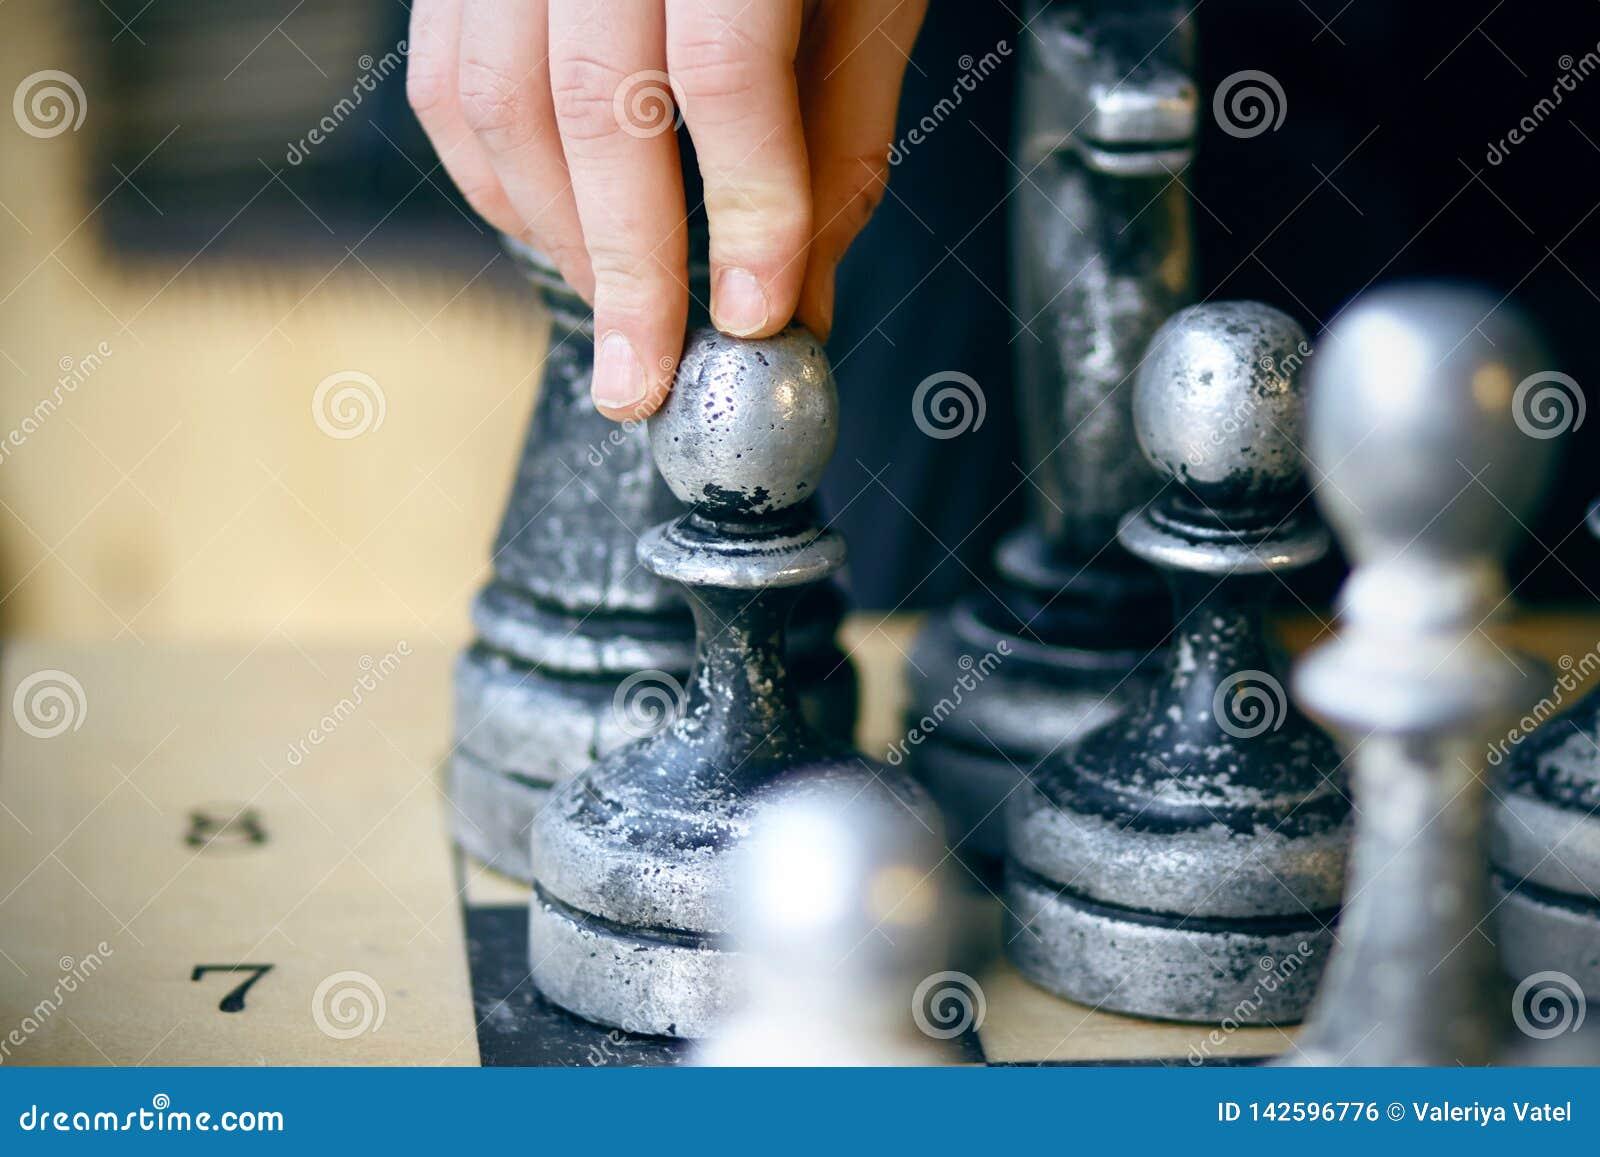 En el tablero hay viejos pedazos de ajedrez lamentables grandes